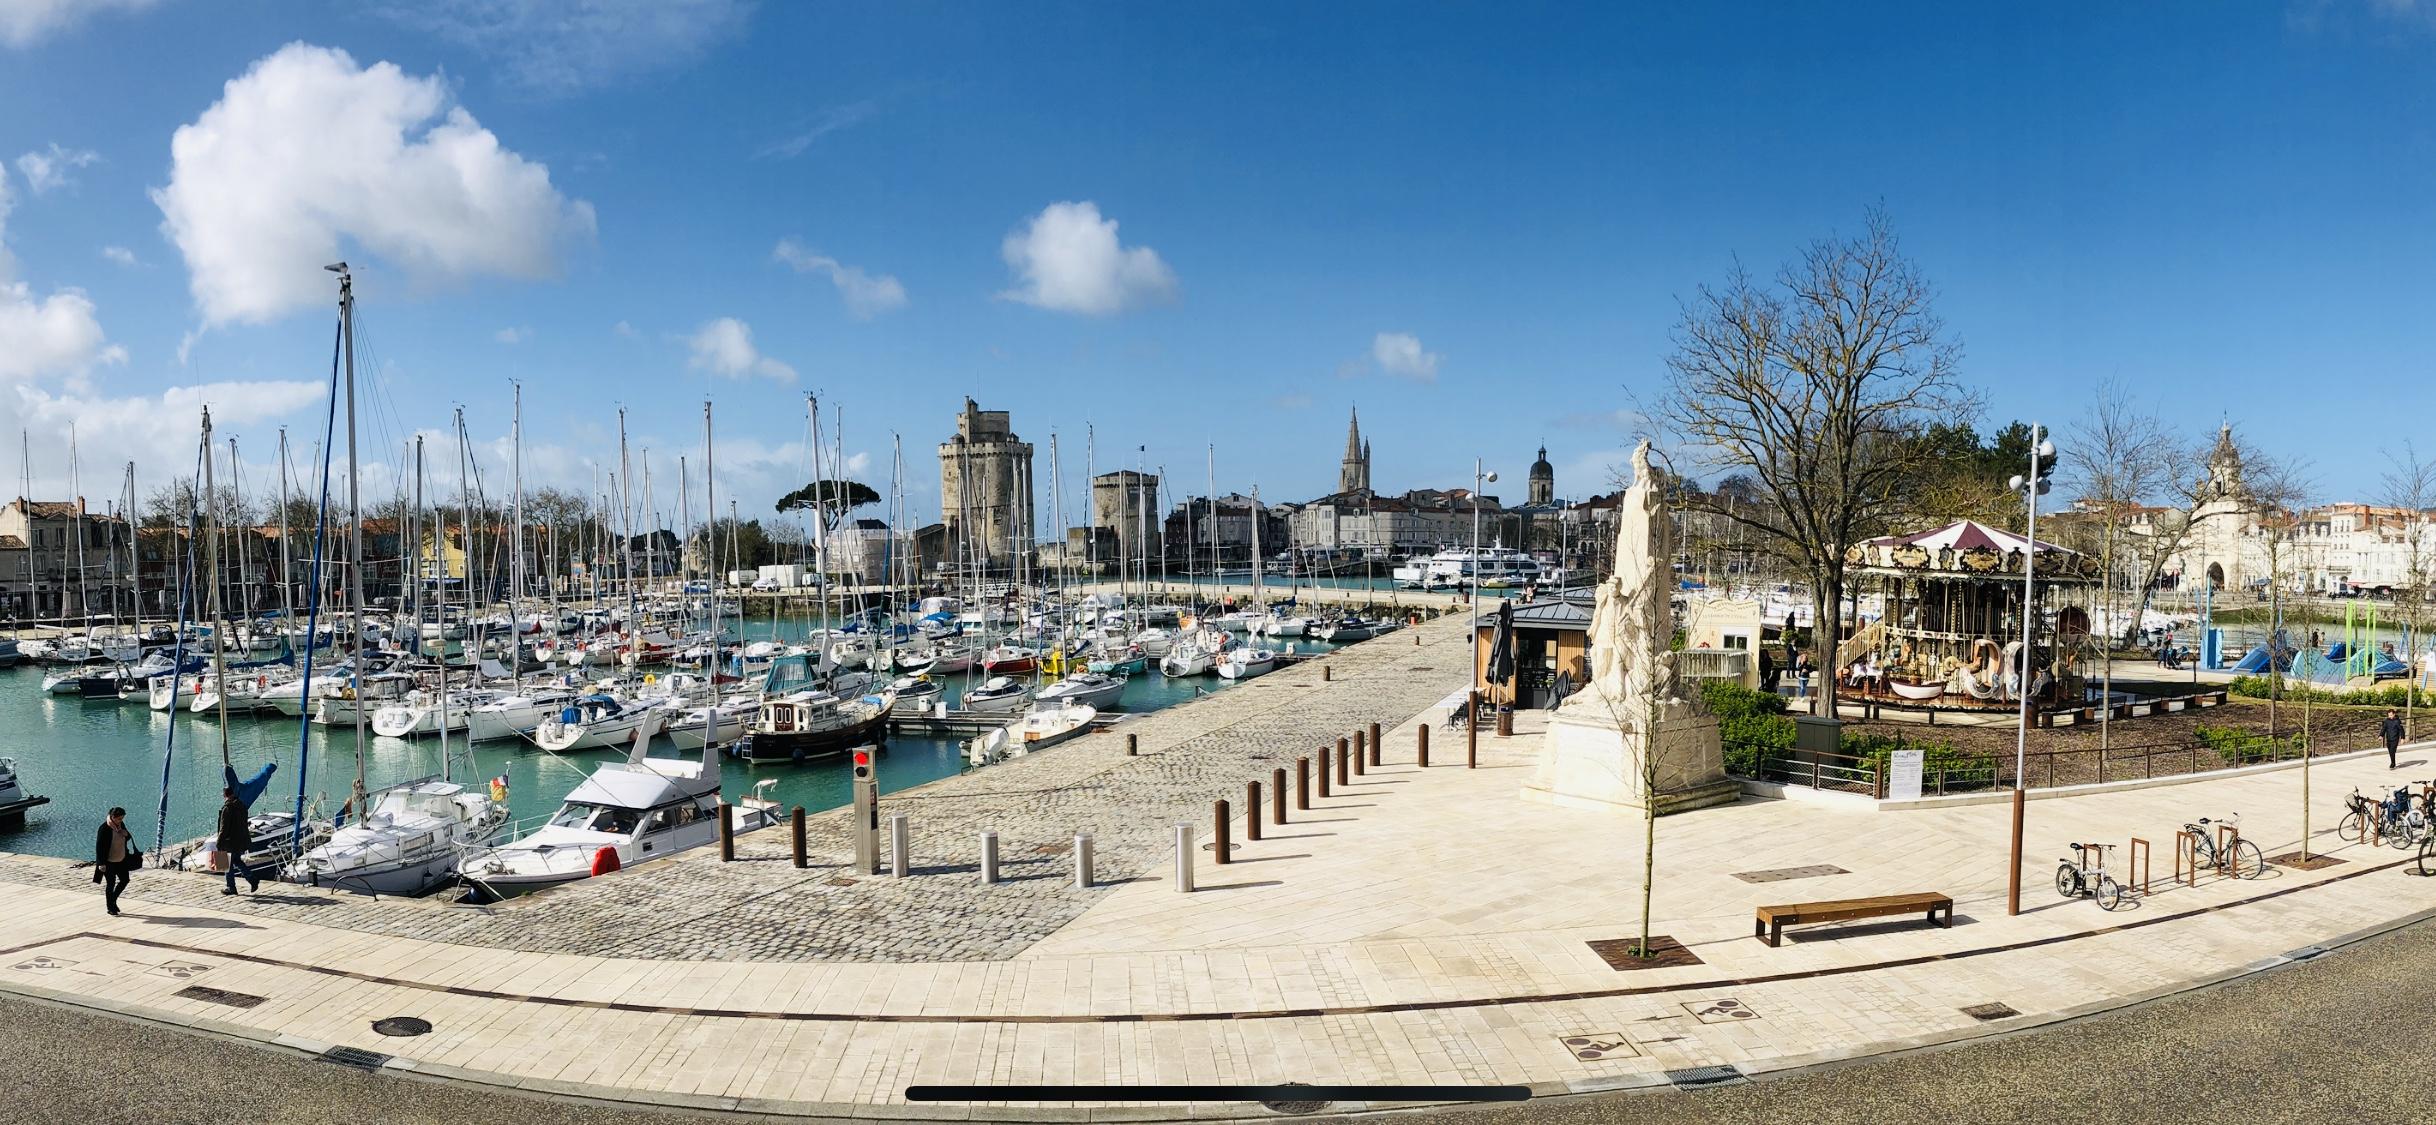 Bureau de Clés Saisonnières sur le vieux port de La Rochelle